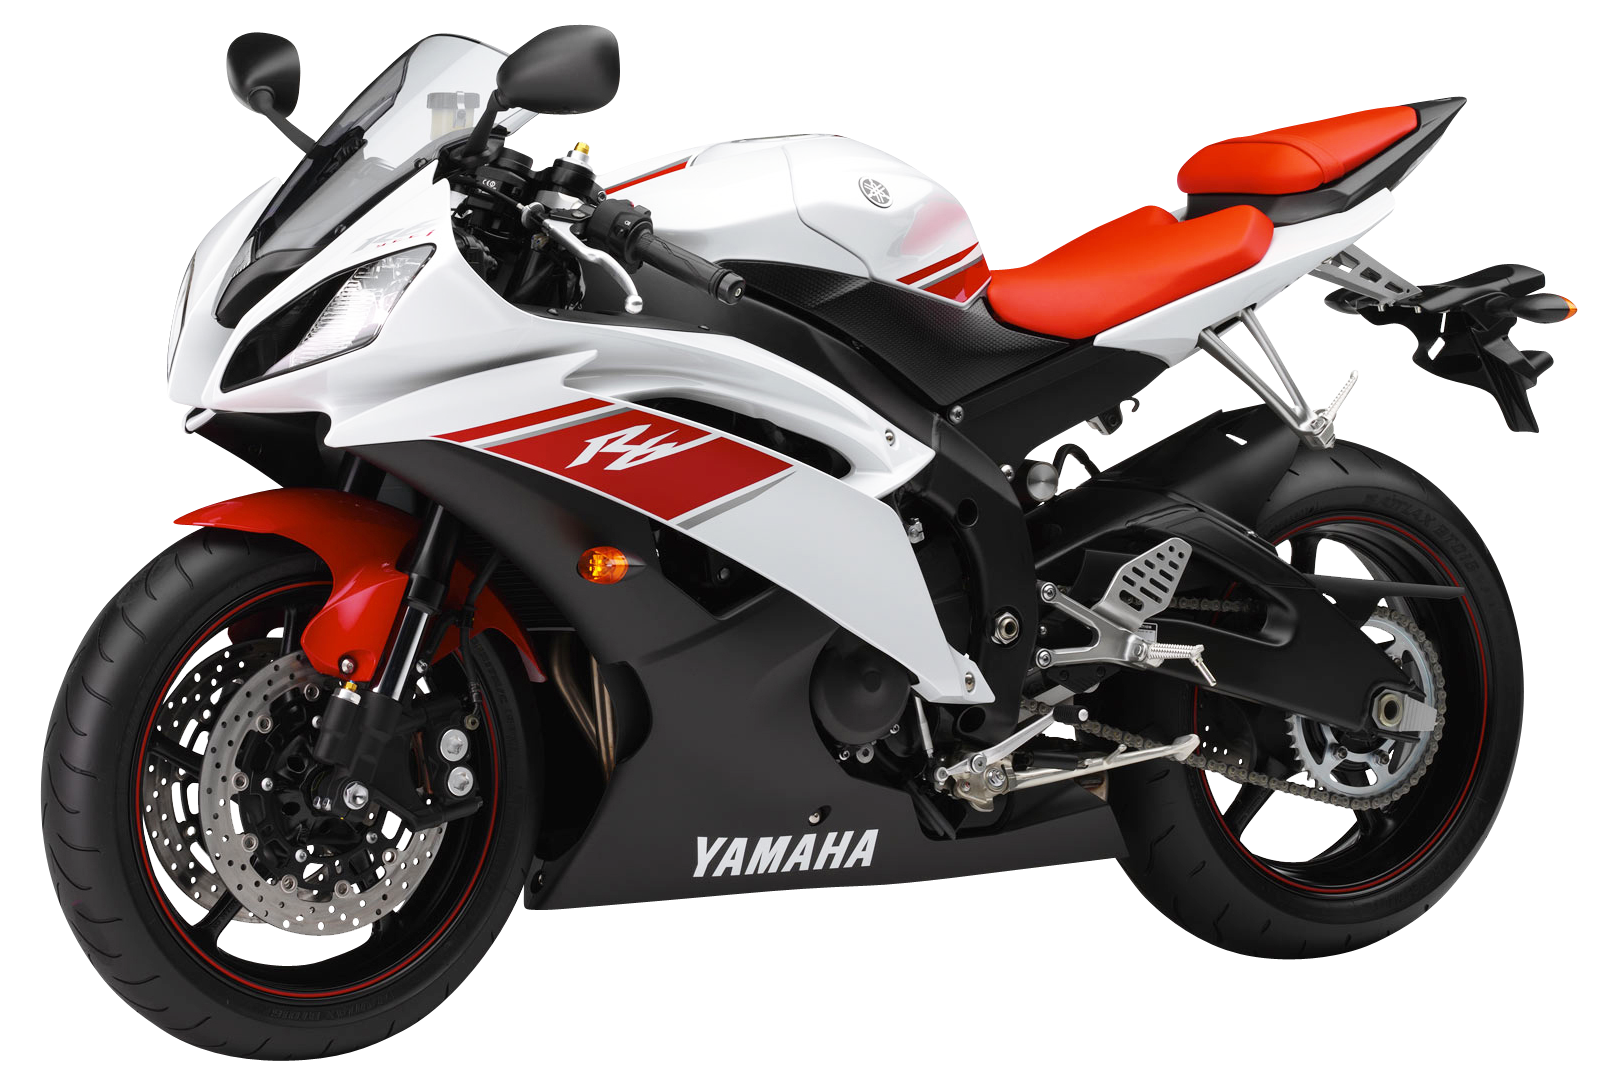 Motorcycle Bike PNG File Download Free.